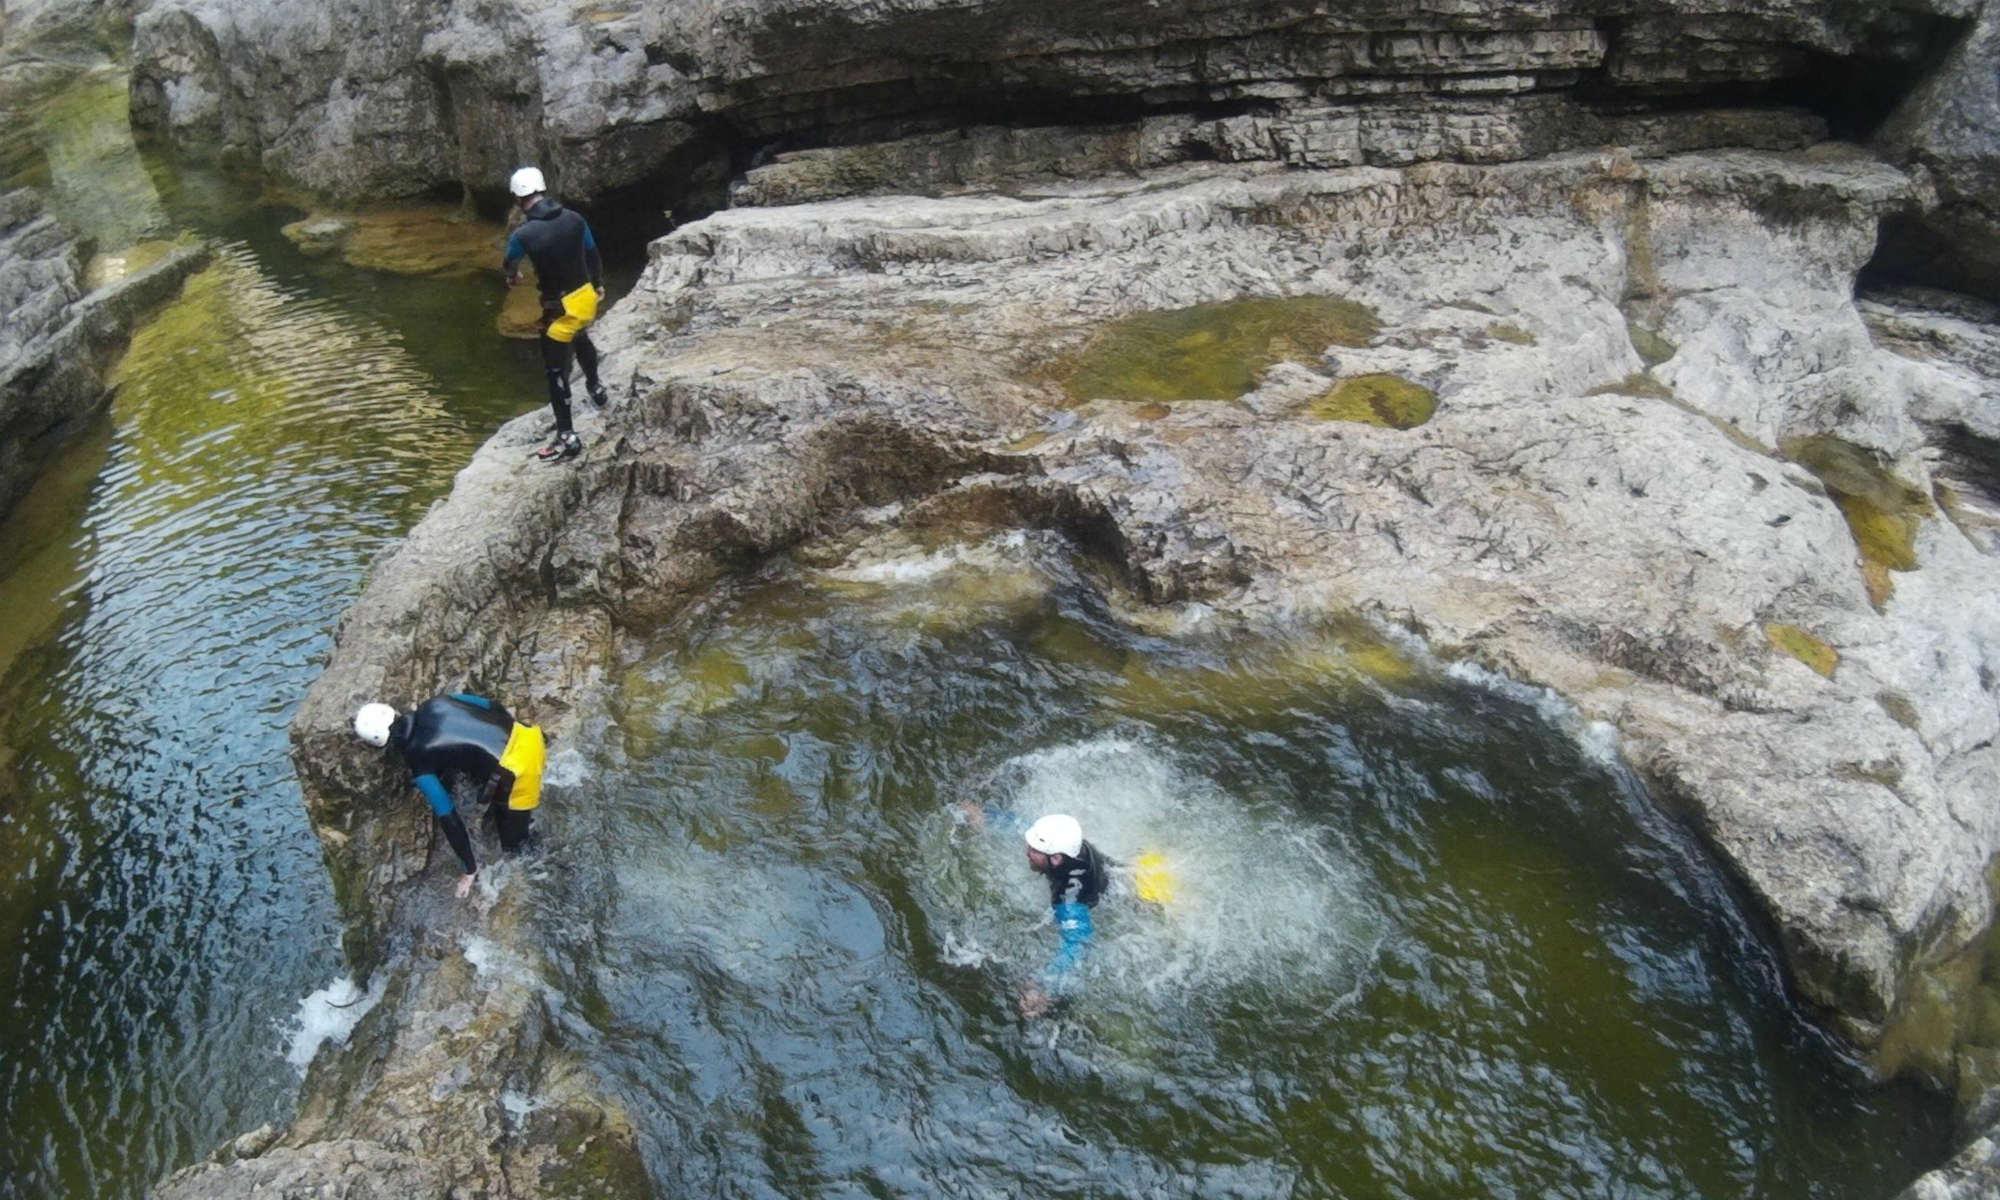 3 Teilnehmer einer Canyoning Tour in der Almbachklamm schwimmen durch natürliche Pools und springen von Felsen in den Fluss.